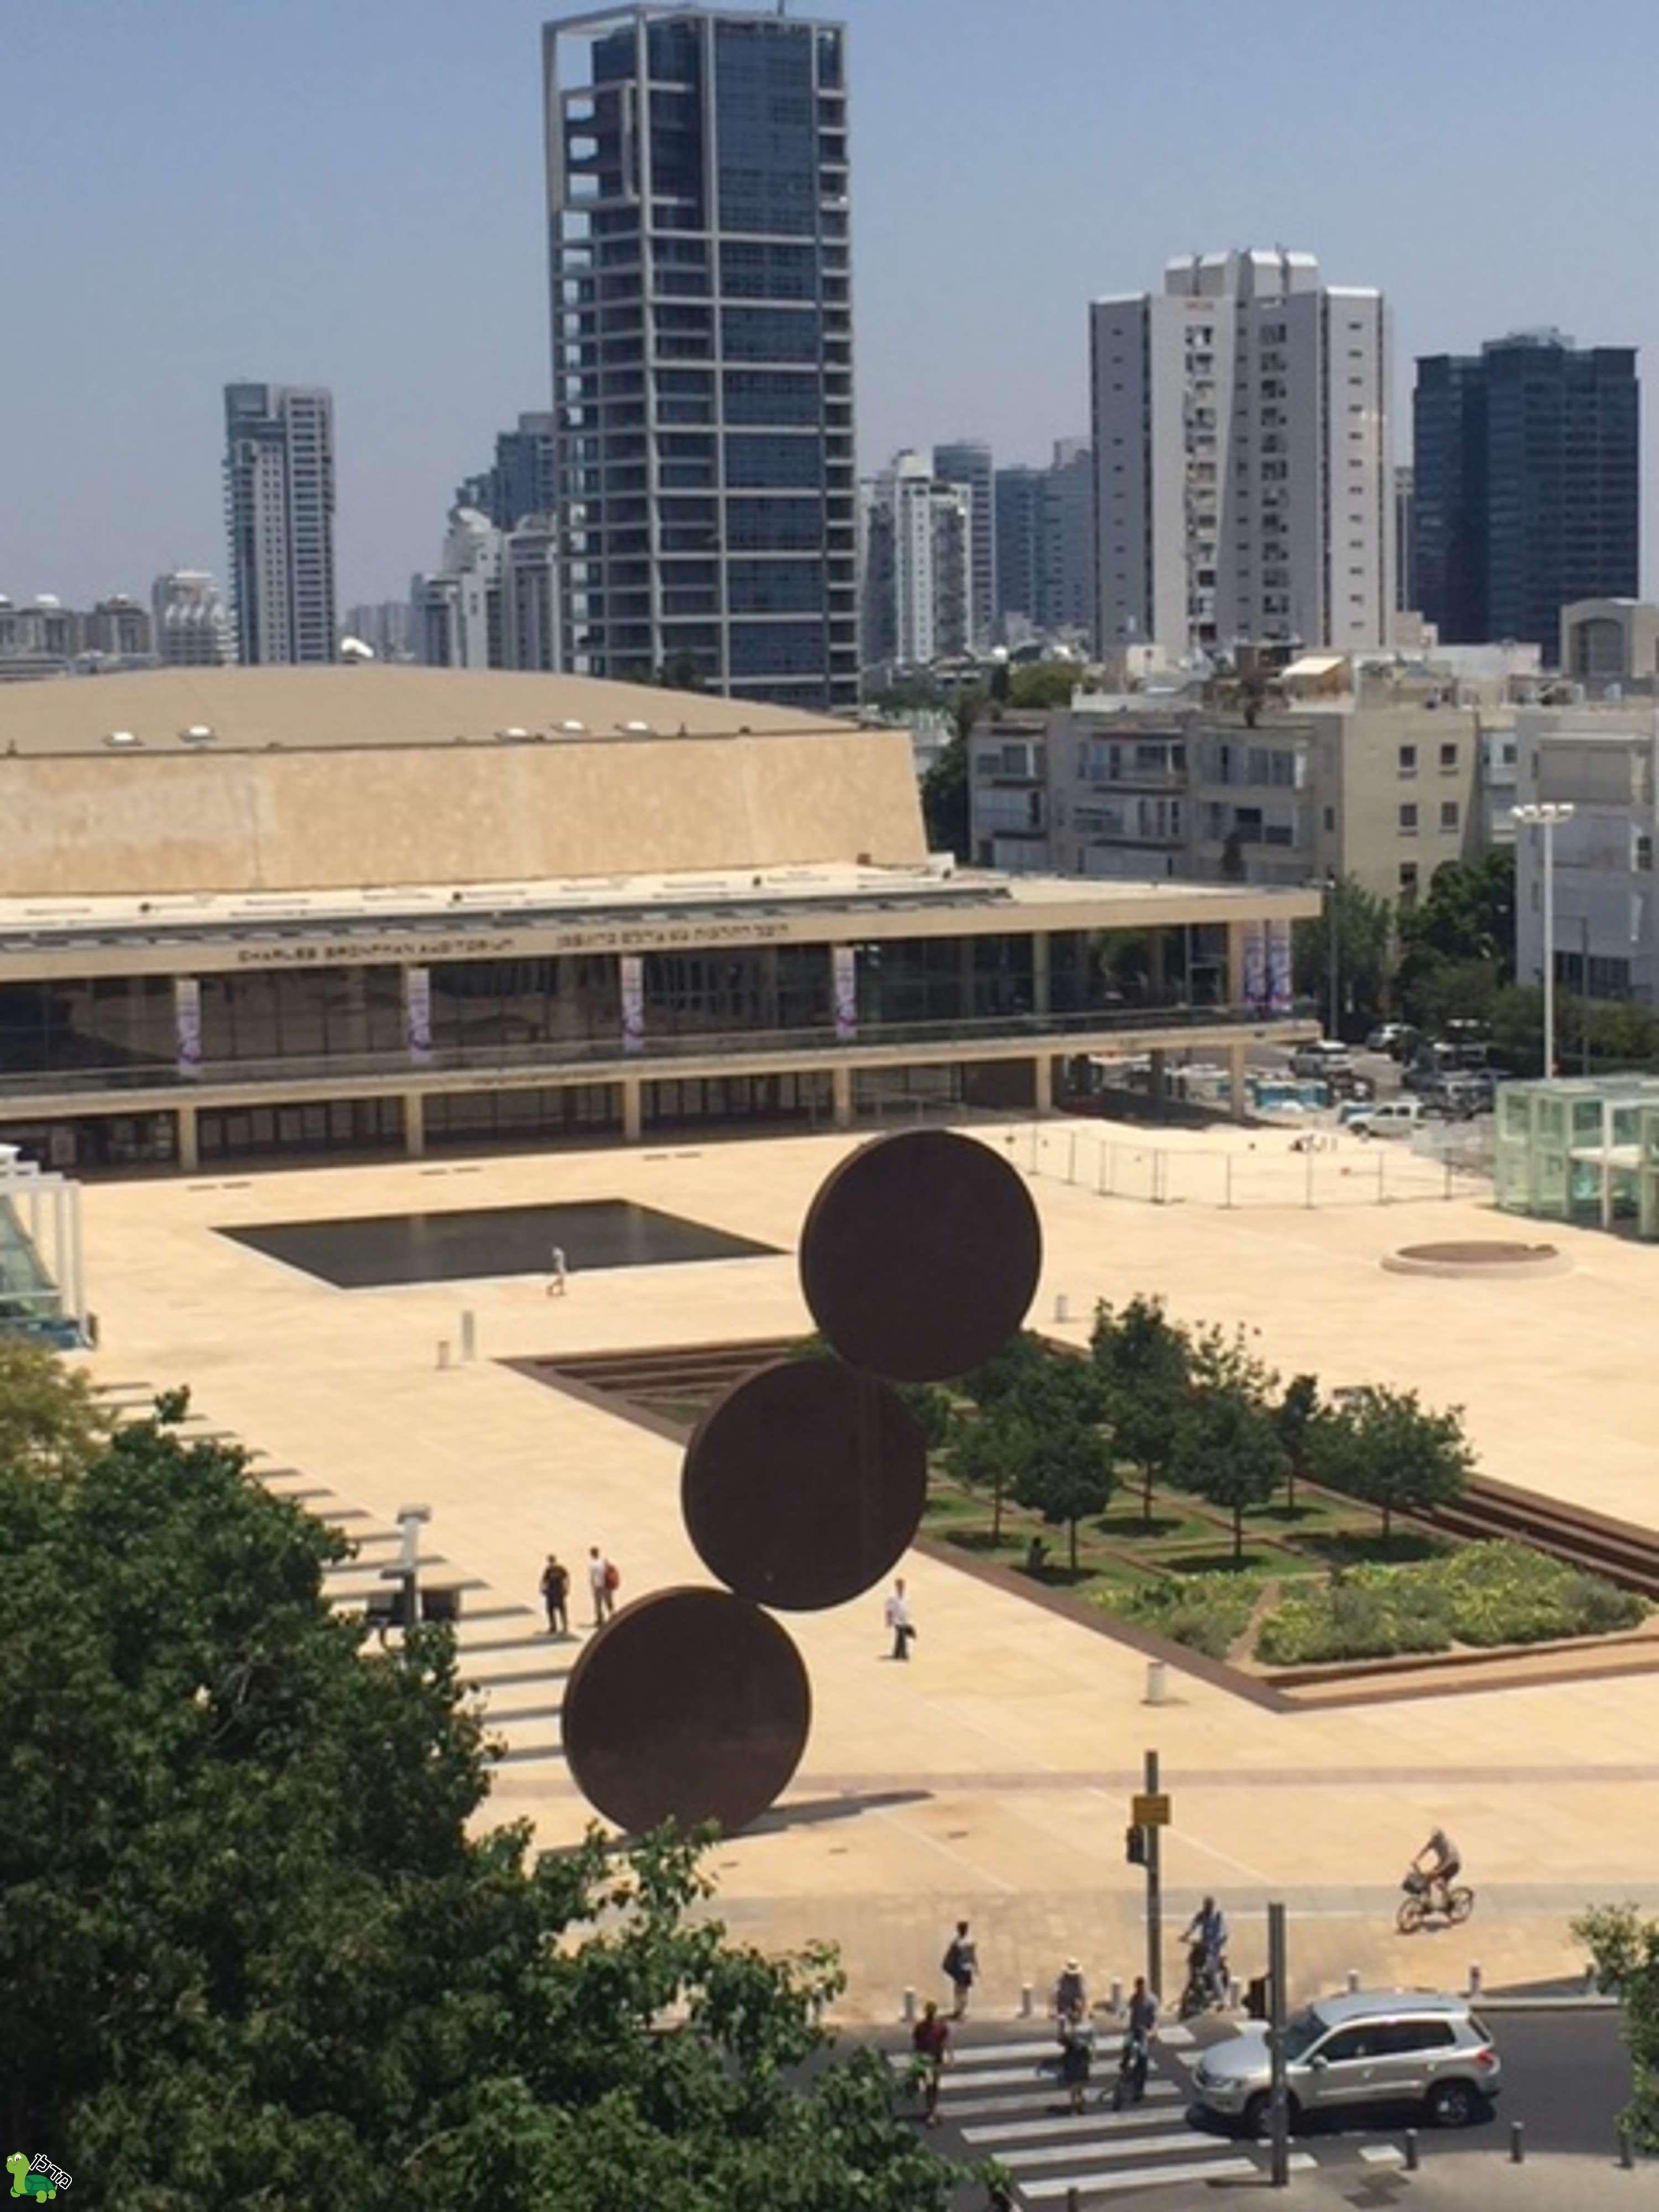 בנפט דירות למכירה בנחלת יצחק, תל אביב יפו - 216 דירות באזור OA-01